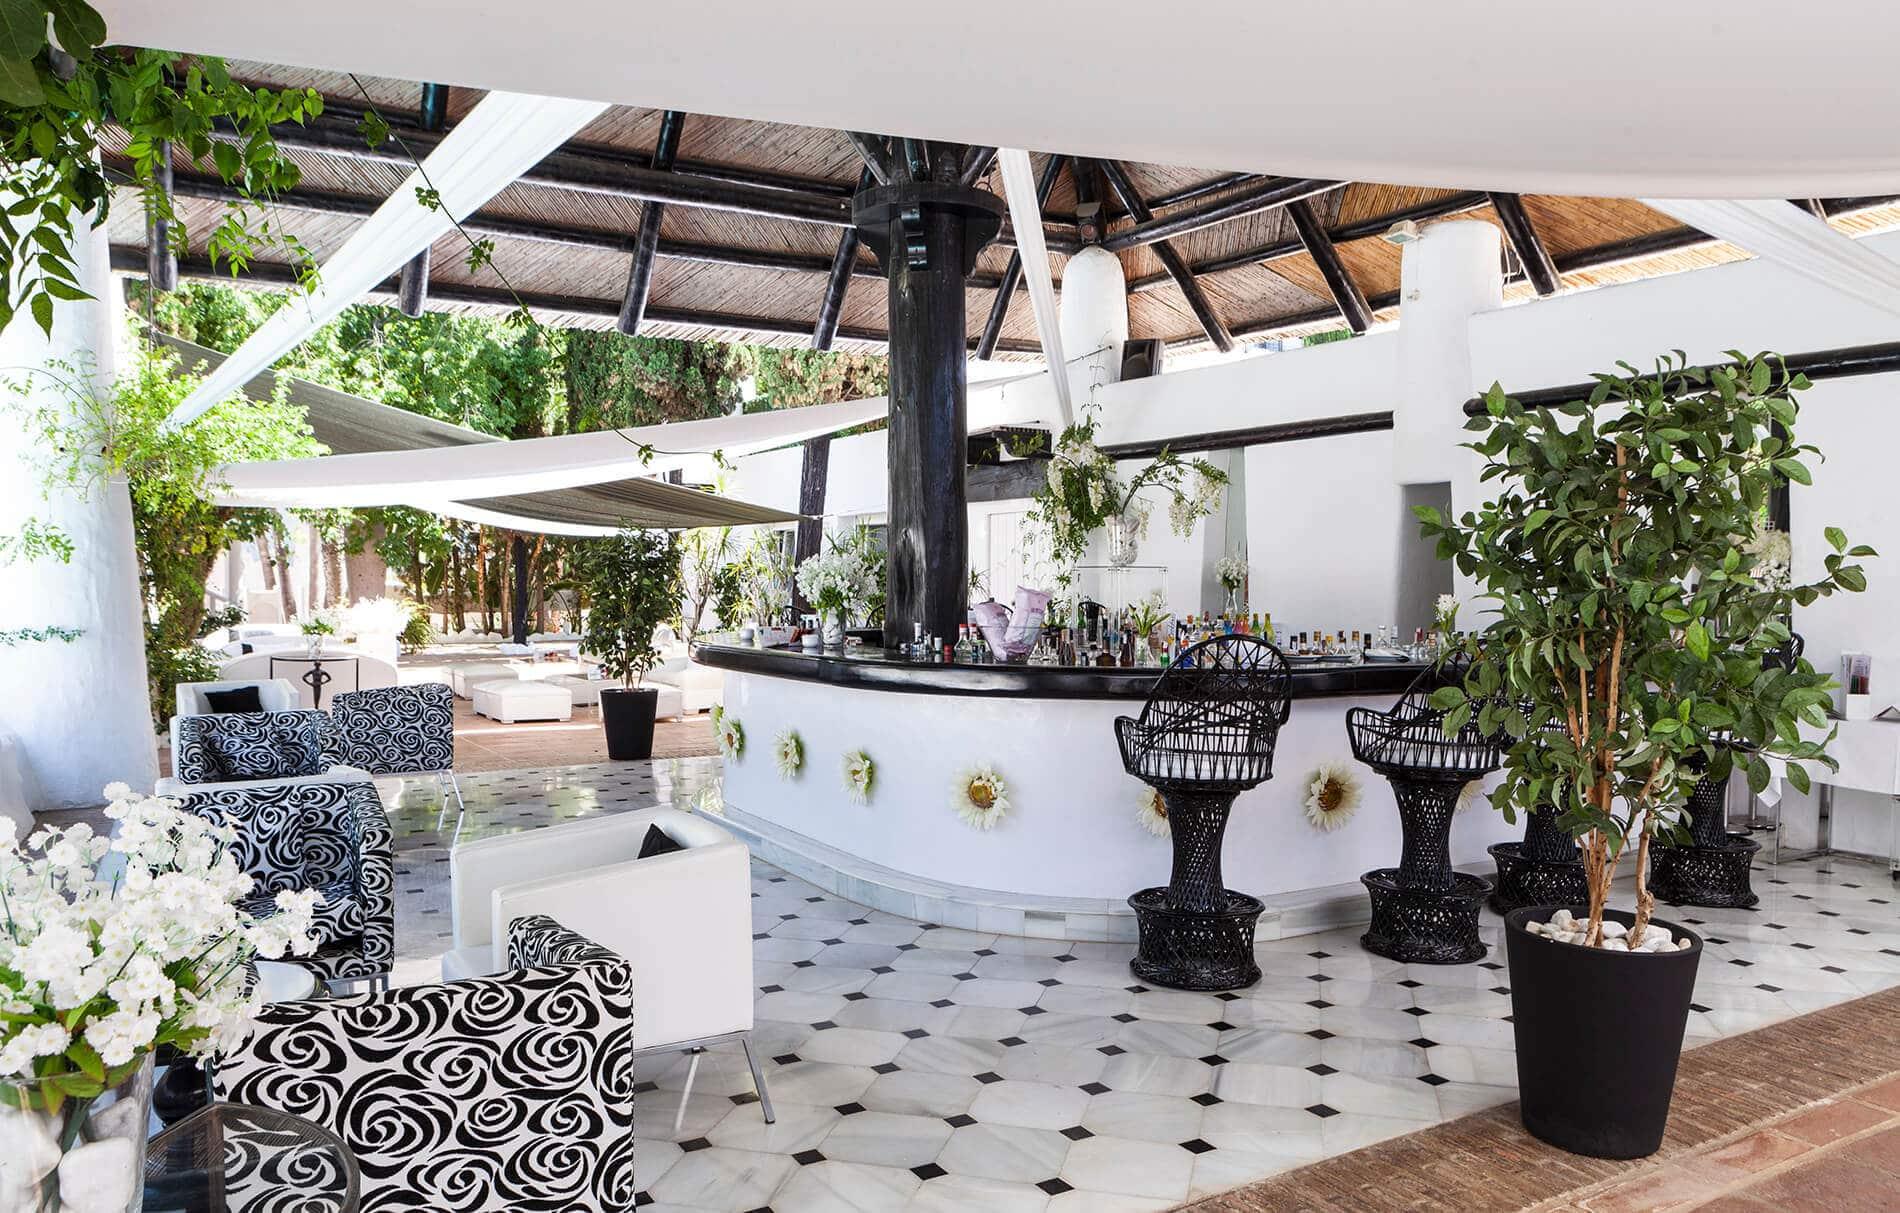 Espanja-Almuneckar-Hotel Suite Albayzin del terassibaari